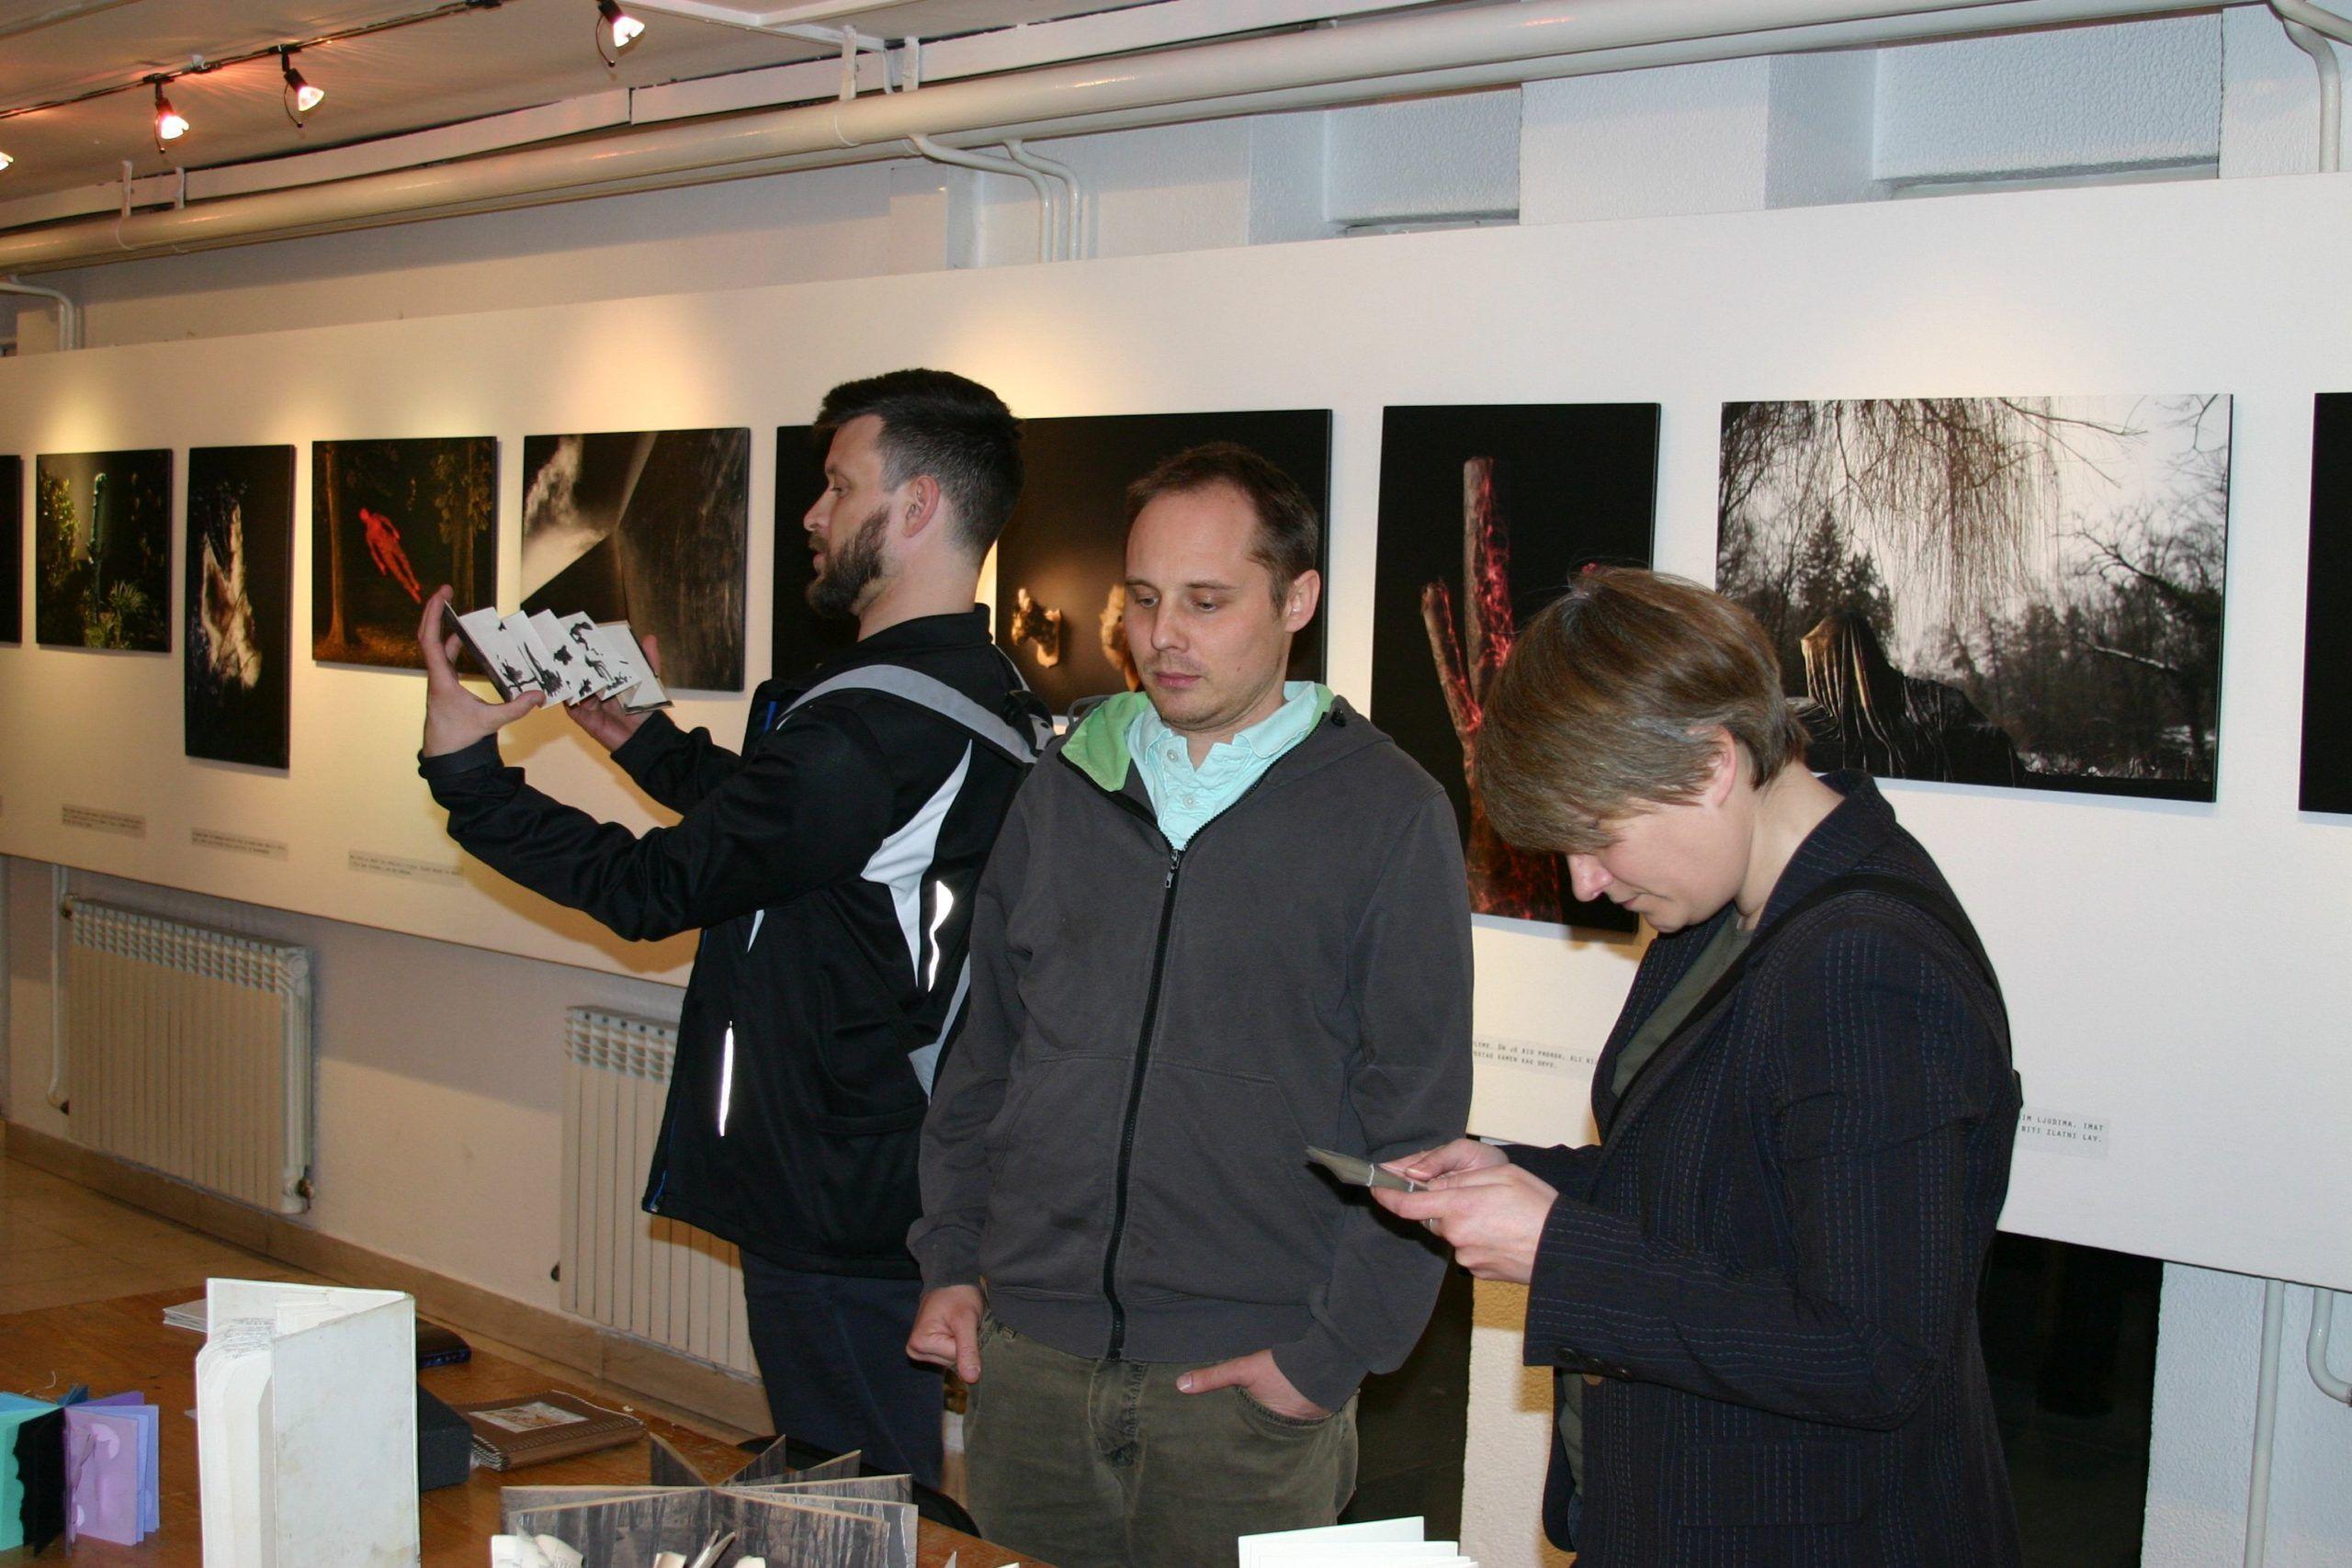 Natječaj Galerije Modulor za izlaganje u 2021.